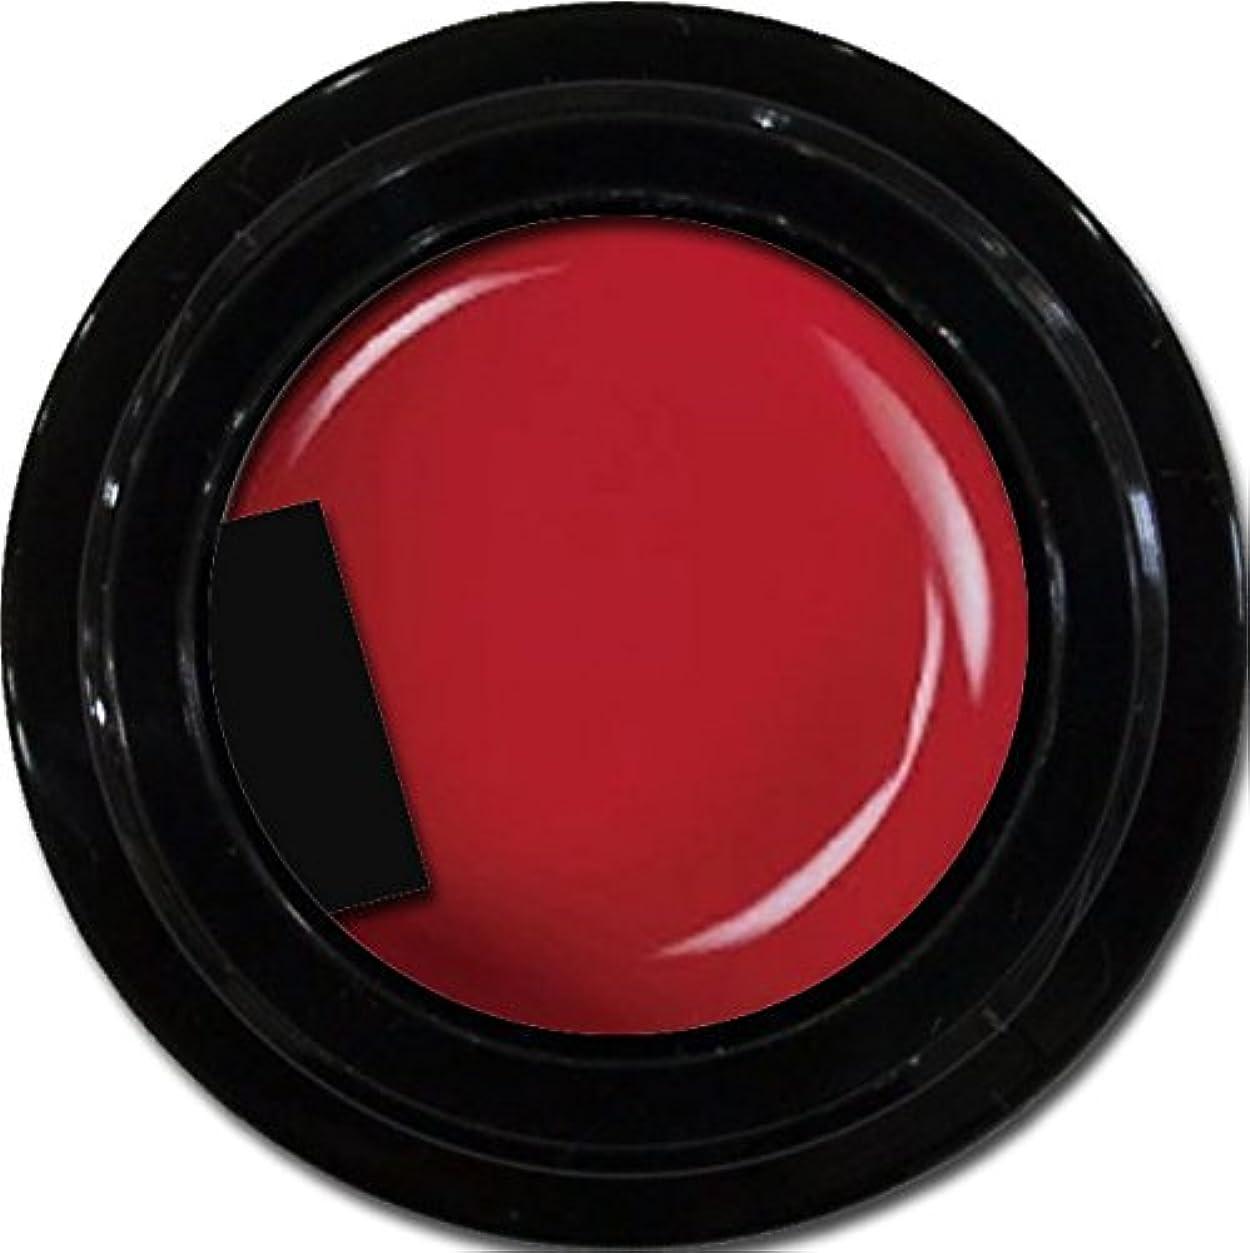 デジタル略語スクラップブックカラージェル enchant color gel M405 RedCarpet 3g/ マットカラージェル M405 レッドカーペット 3グラム